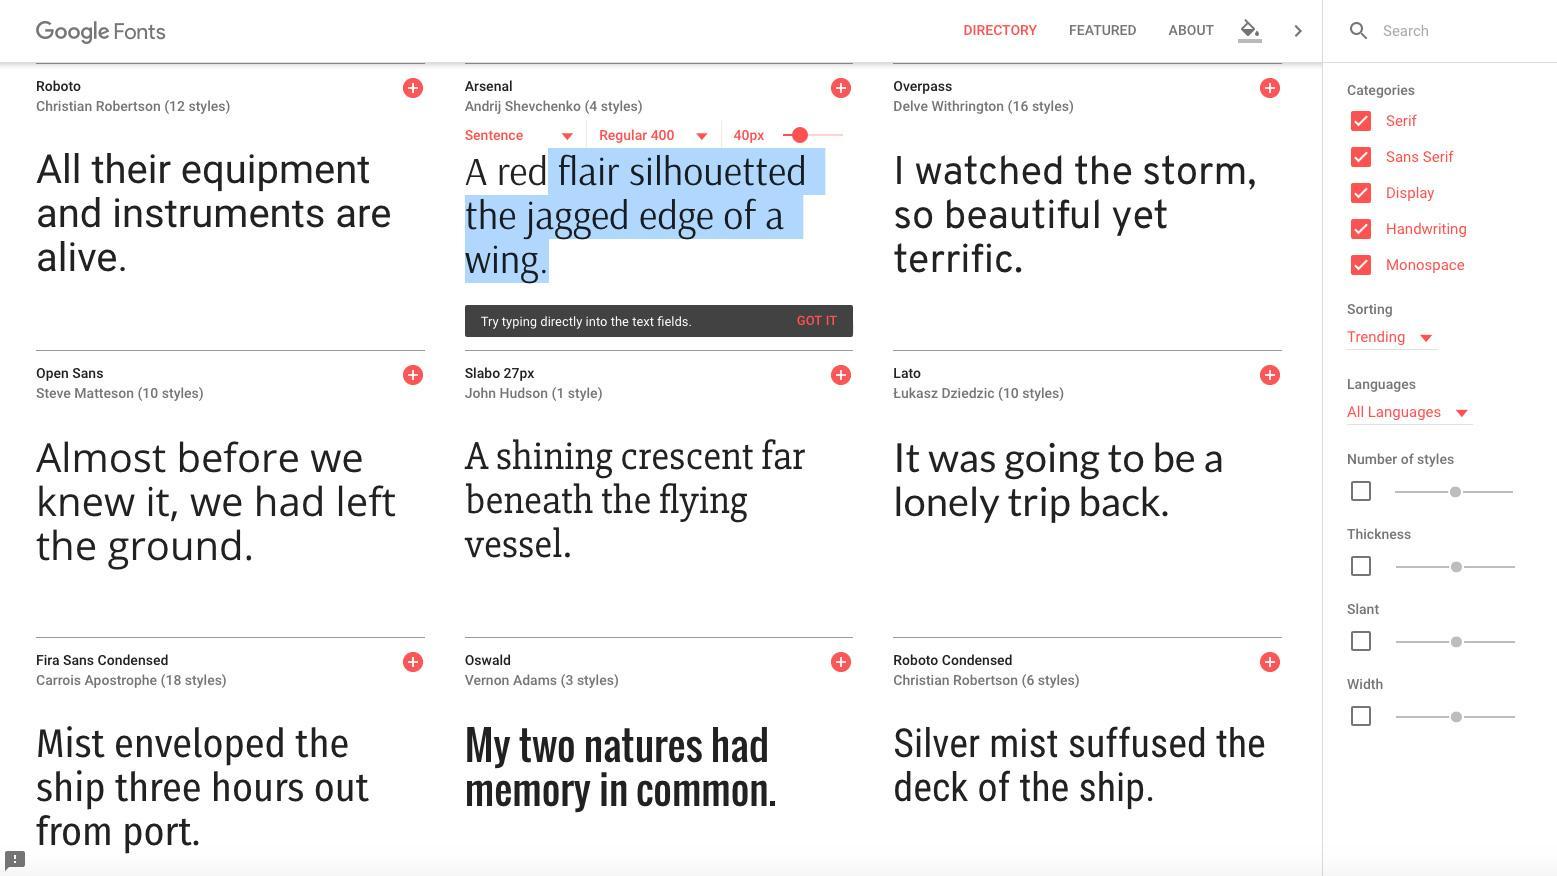 Landing page design - Google Fonts